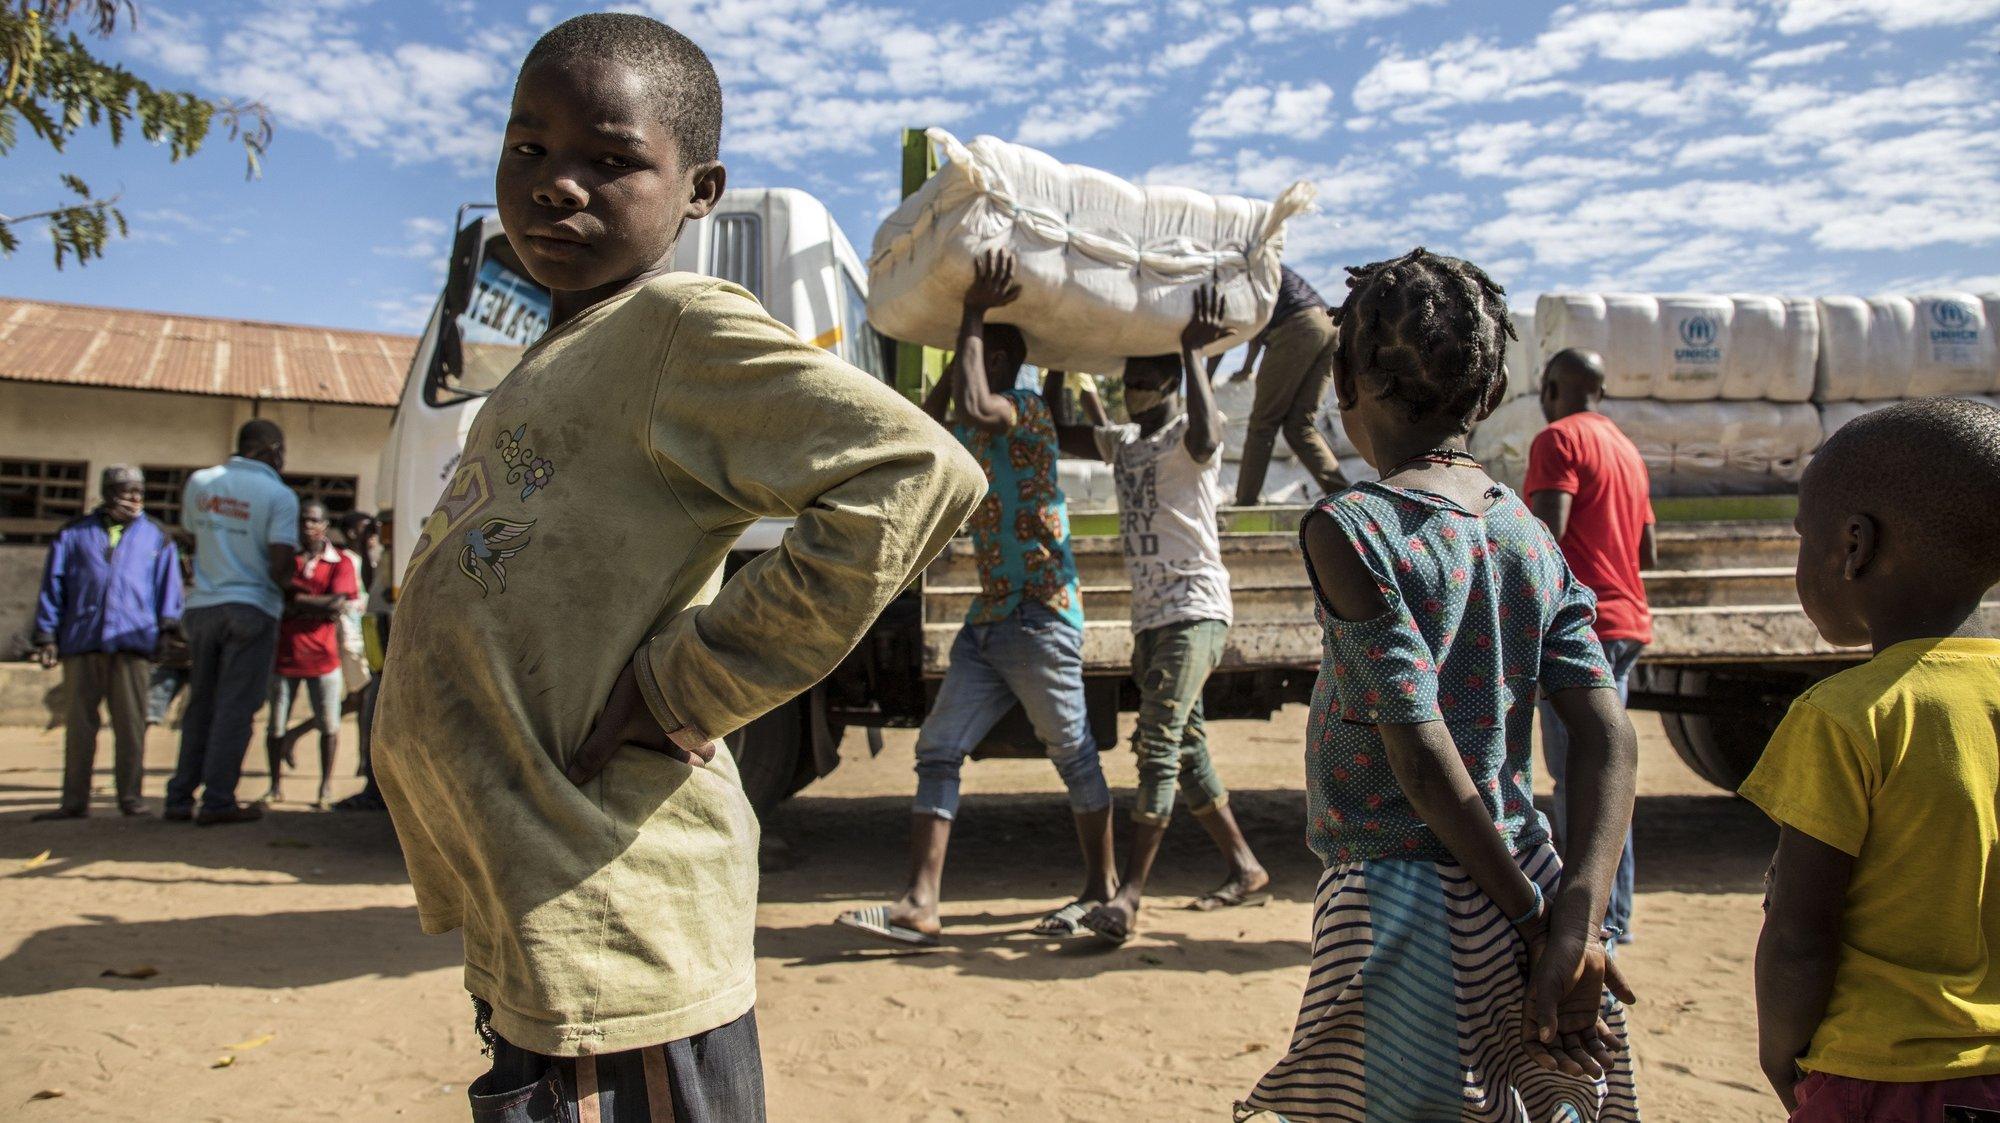 """Deslocados da violência armada em Cabo Delgado durante a distribuição de mantas no campo de deslocados de Manono, Metuge, Moçambique 22 de julho de 2020. """"Não é impossível"""" cumprir as medidas nestes campos, diz Daniel Timme, chefe de comunicação do Fundo das Nações Unidas para a Infância (UNICEF), """"mas é um processo educacional"""". (ACOMPANHA TEXTO DE 26 DE JULHO DE 2020). RICARDO FRANCO/LUSA"""